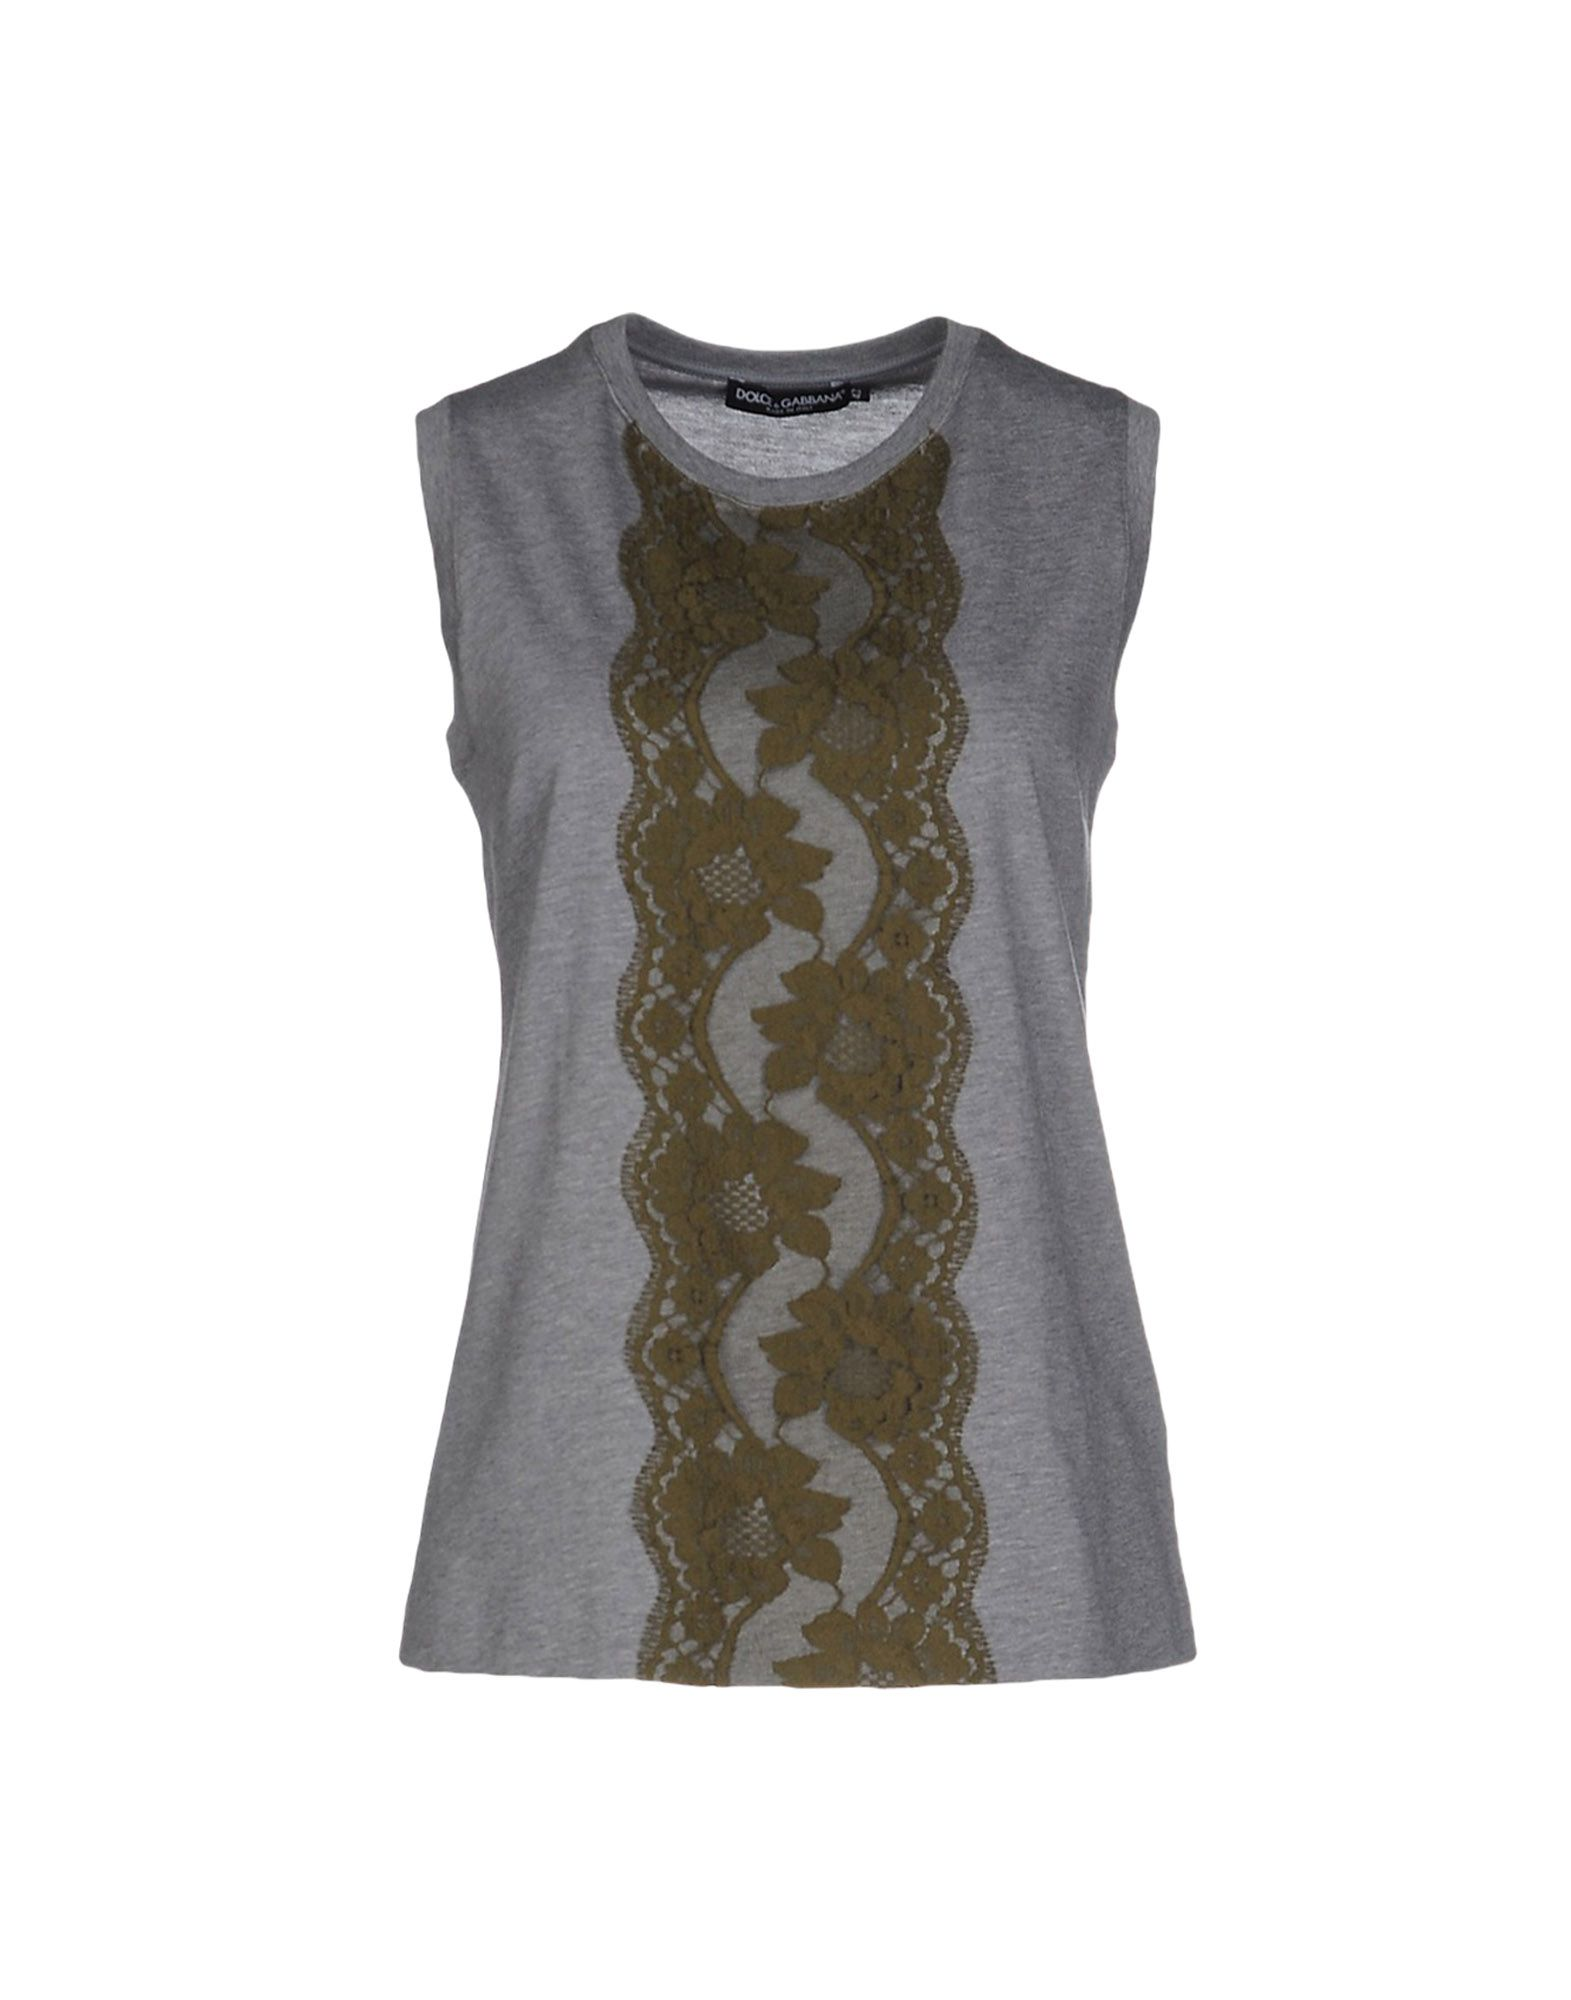 Dolce gabbana t shirt women dolce gabbana t shirts for Dolce gabbana t shirt women